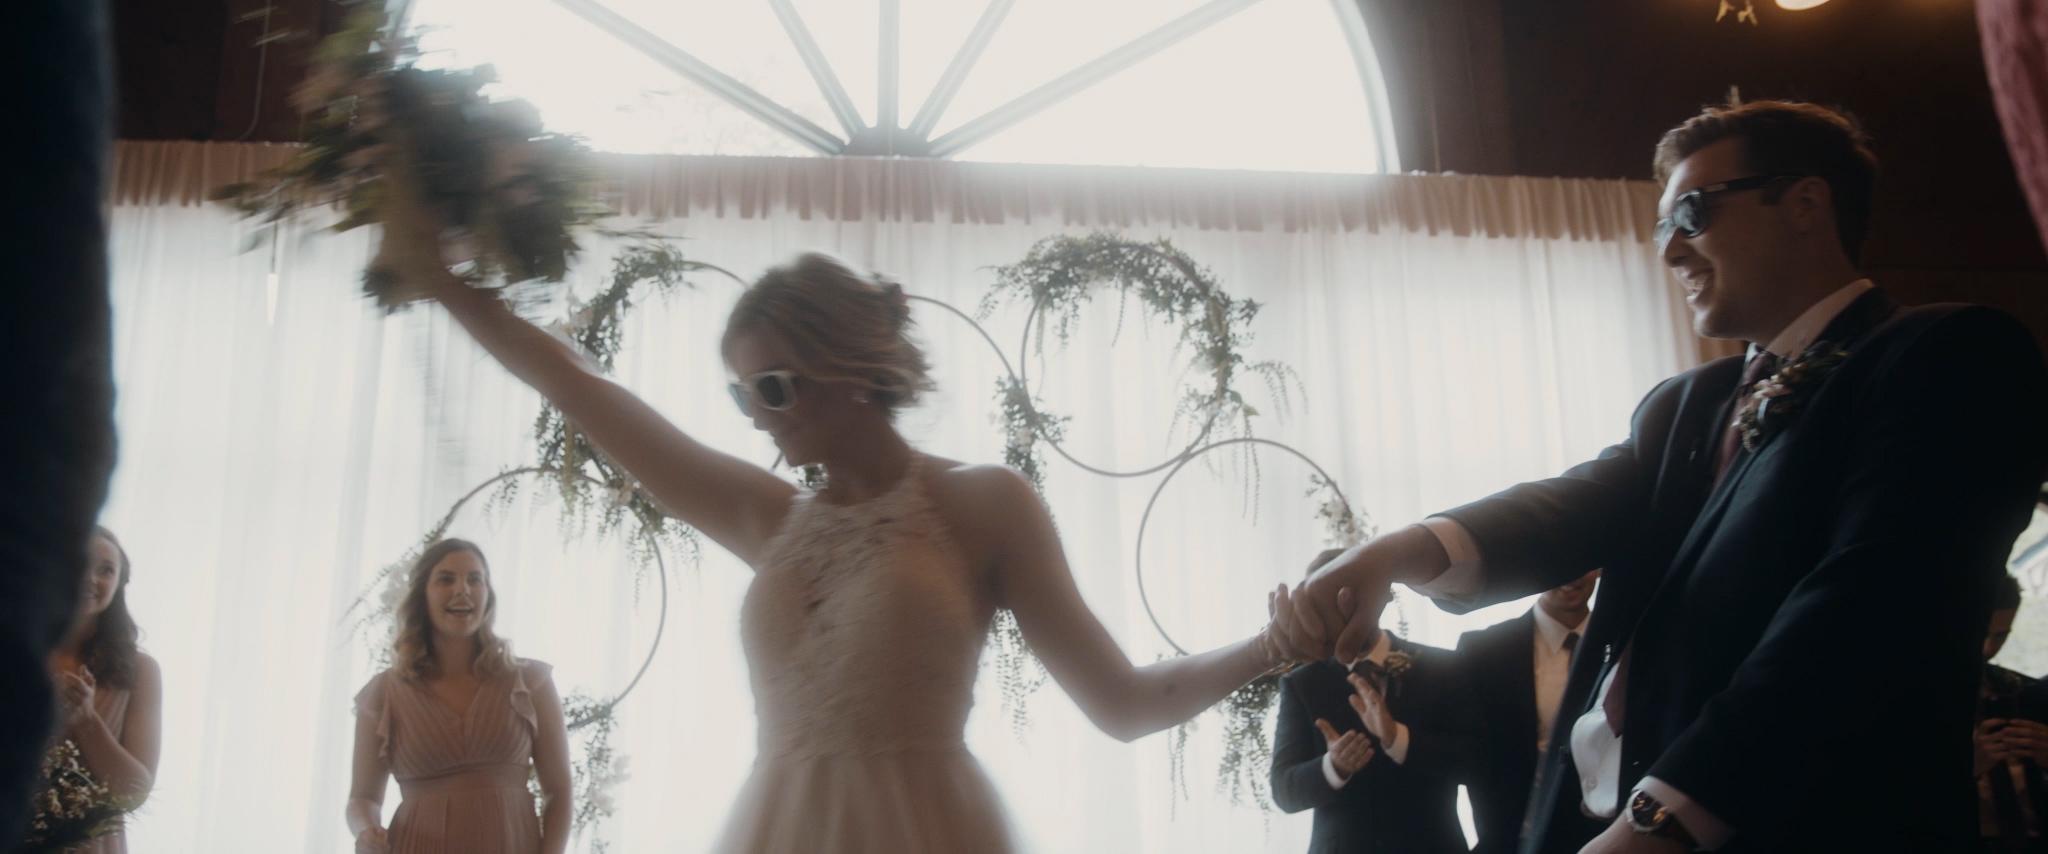 HAVENS_Wedding_Film.00_05_38_08.Still060.jpg